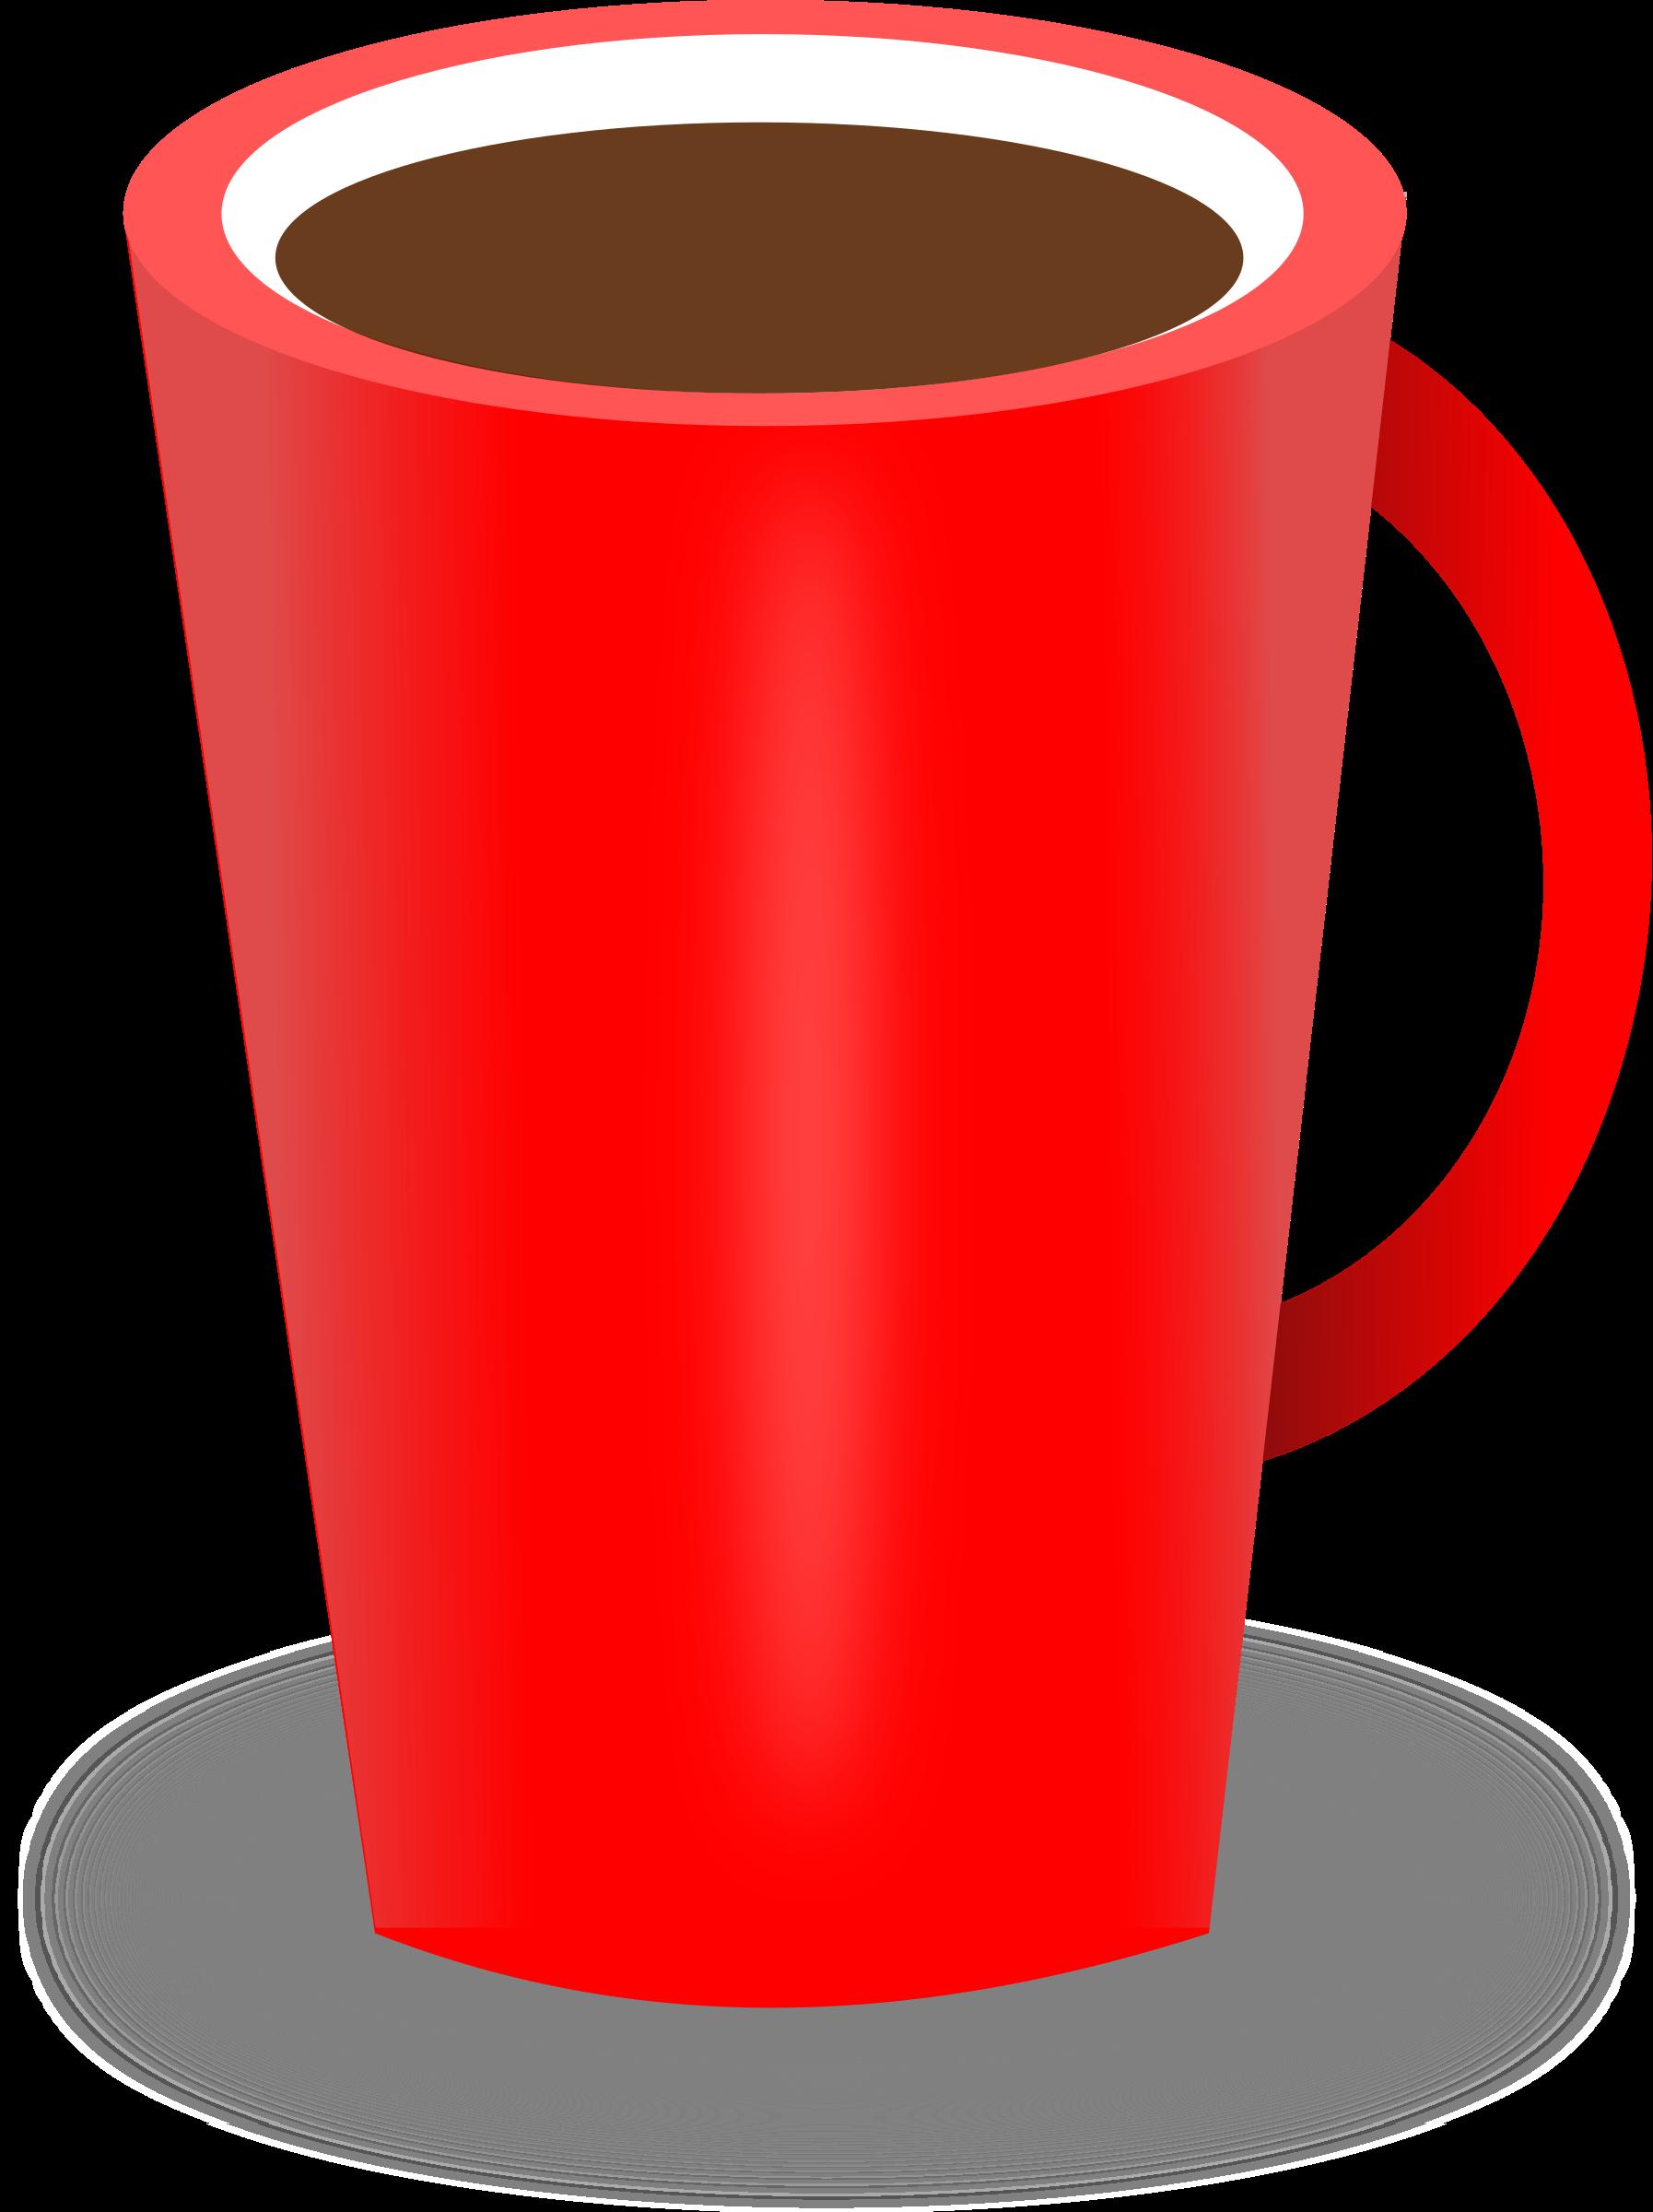 Pin Coffee Clipart Coffee Mug 13 Coffee Cup Images Coffee Clipart Coffee Cups